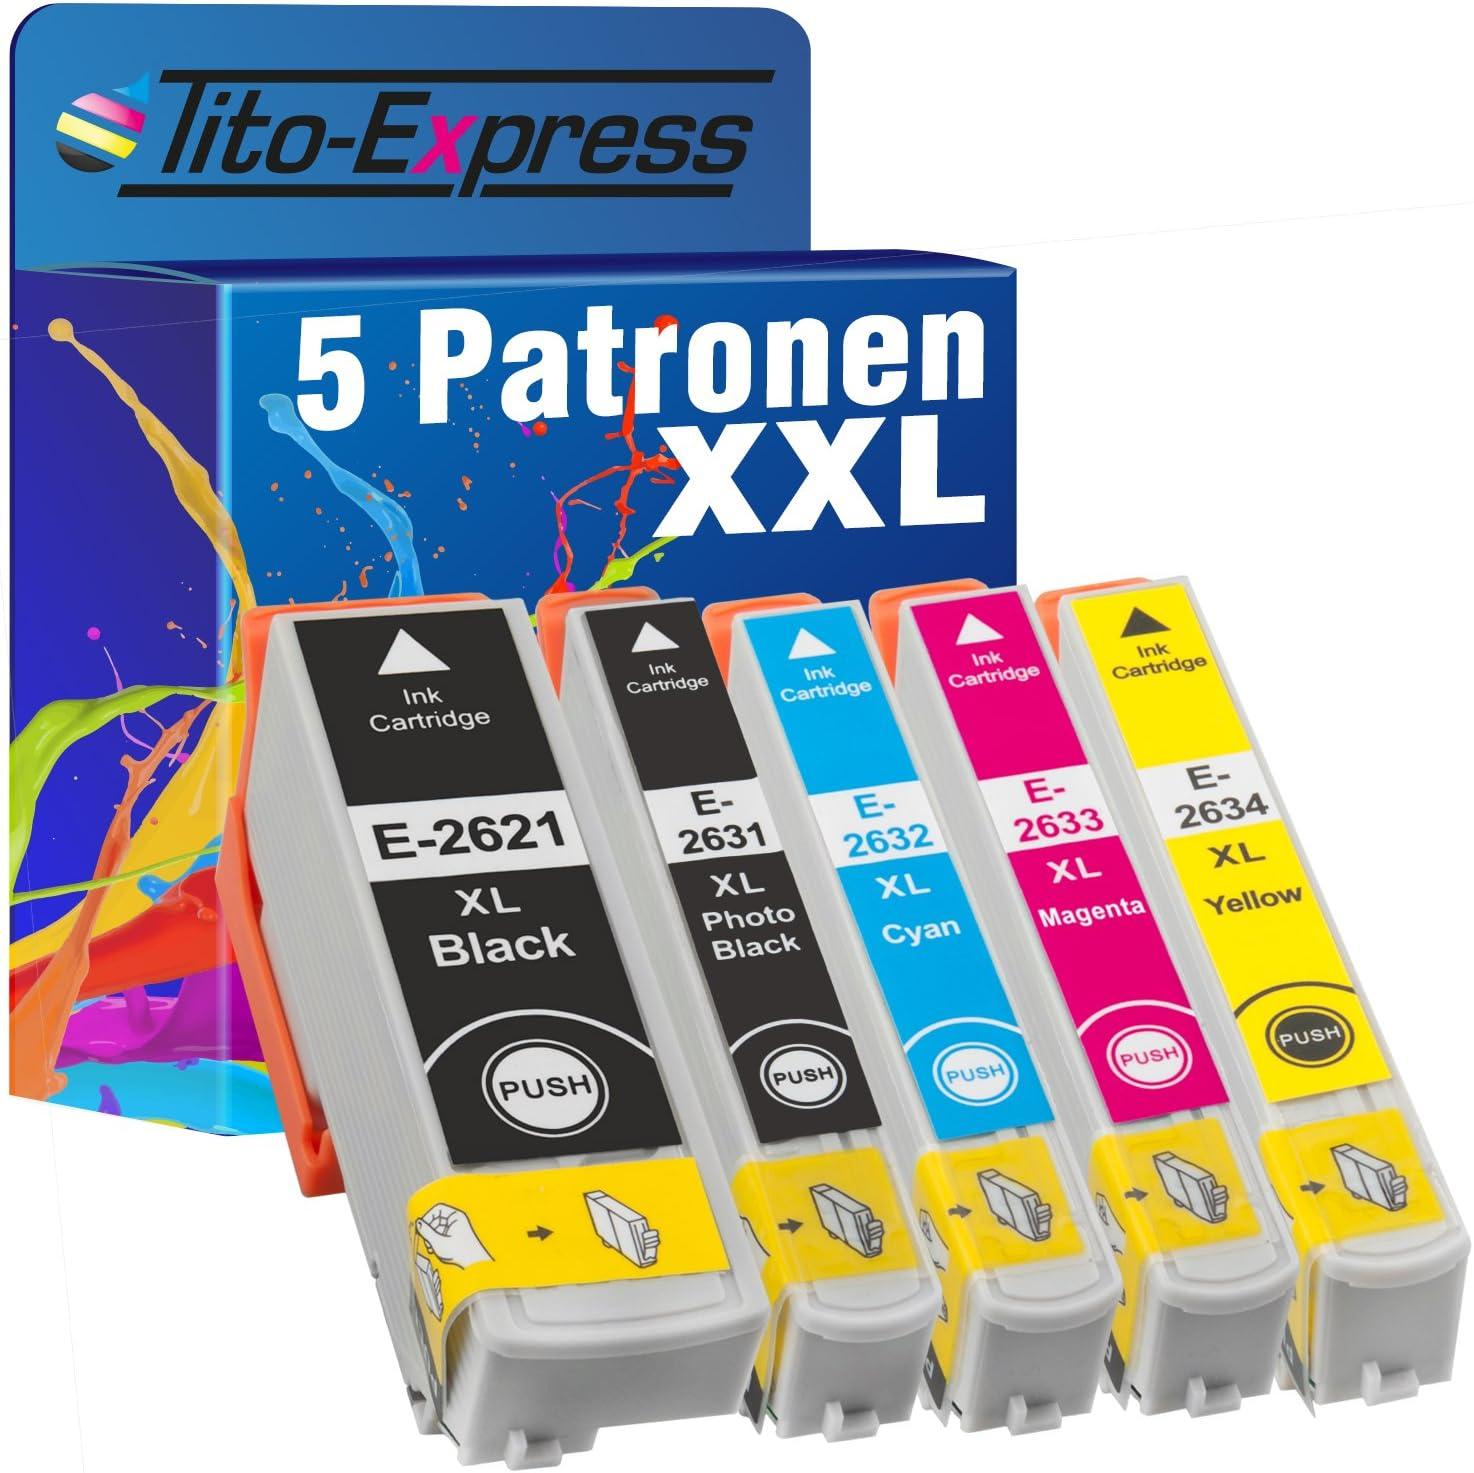 Tito Express Platinumserie 5 Patronen Xxl Kompatibel Mit Epson T2621 T2631 T2632 T2633 T2634 26xl Für Epson Expression Premium Xp 510 520 600 605 610 615 620 625 700 710 720 800 810 820 Bürobedarf Schreibwaren